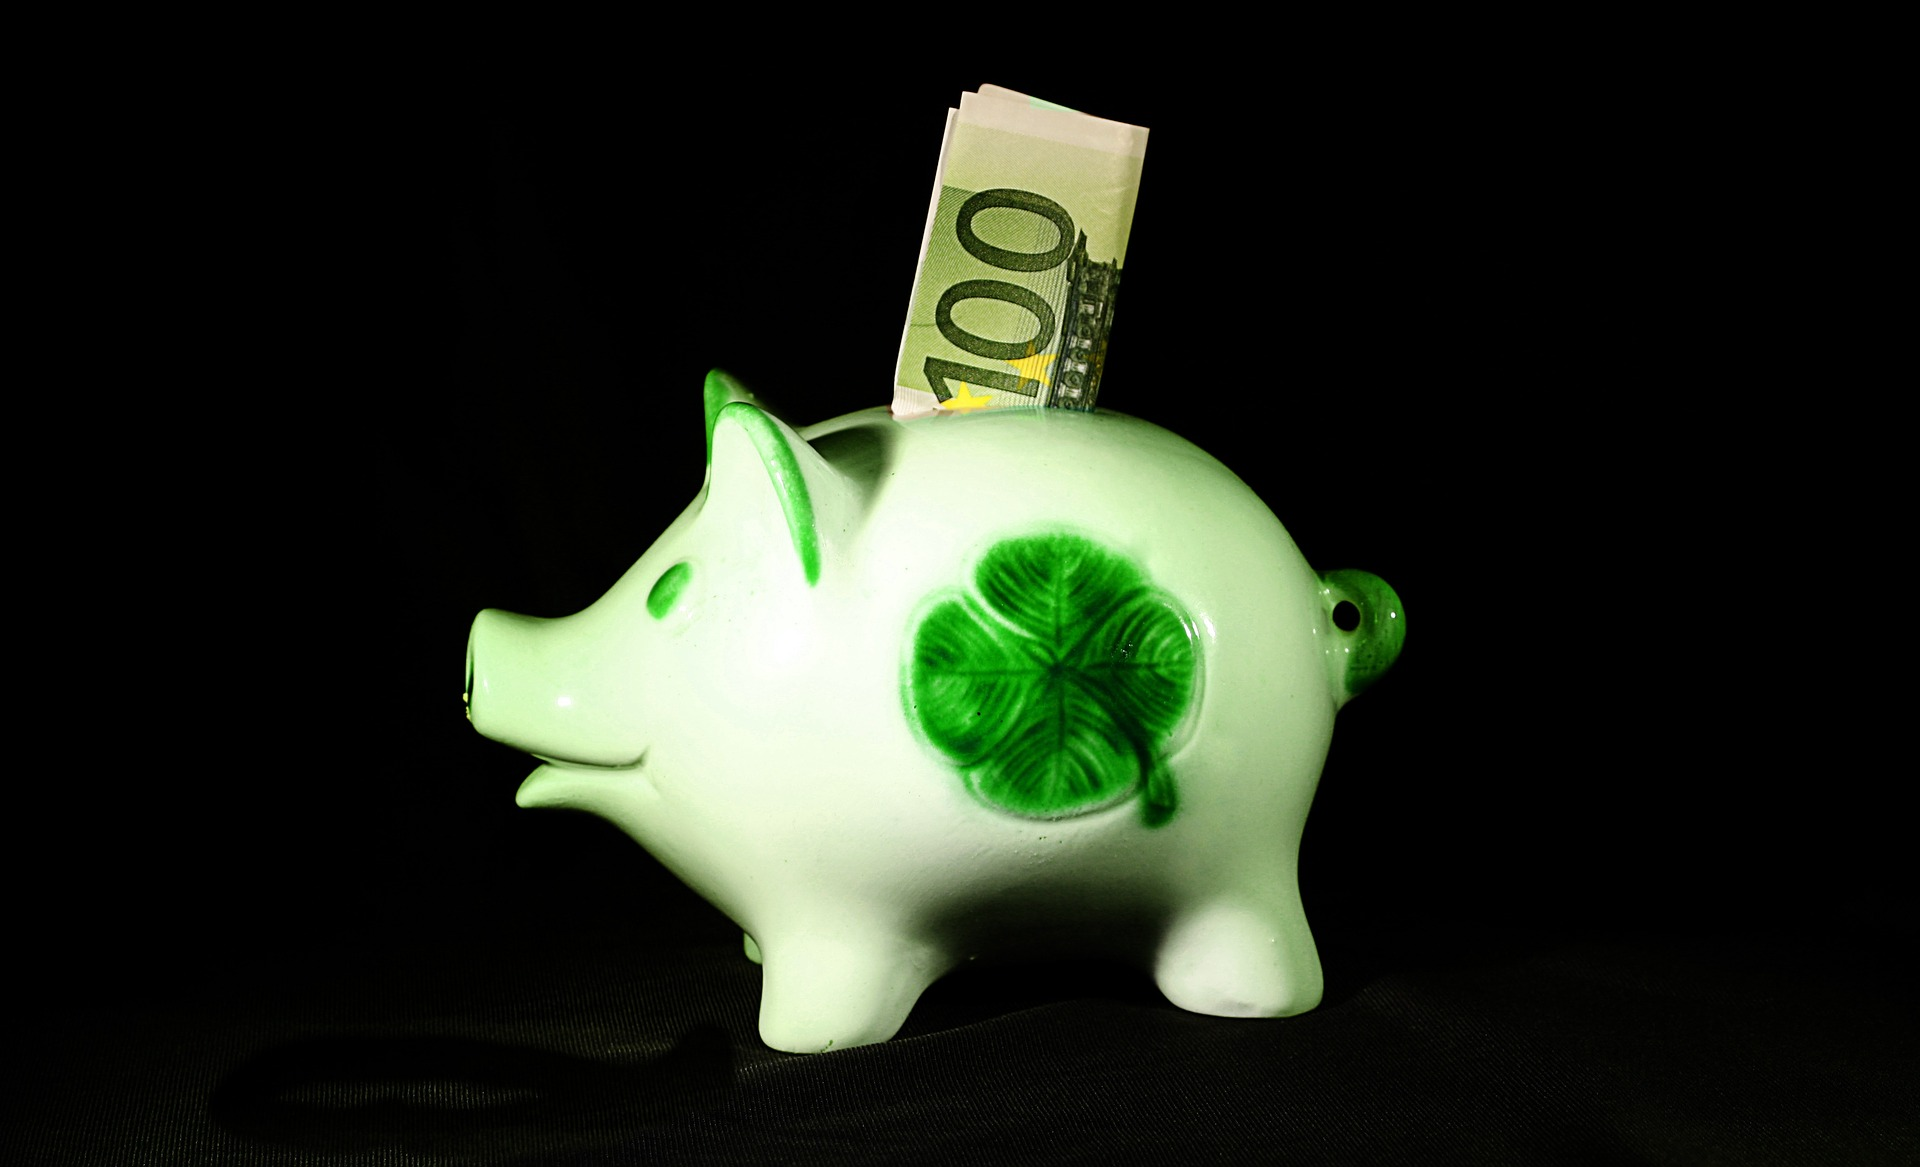 money-1502843_1920